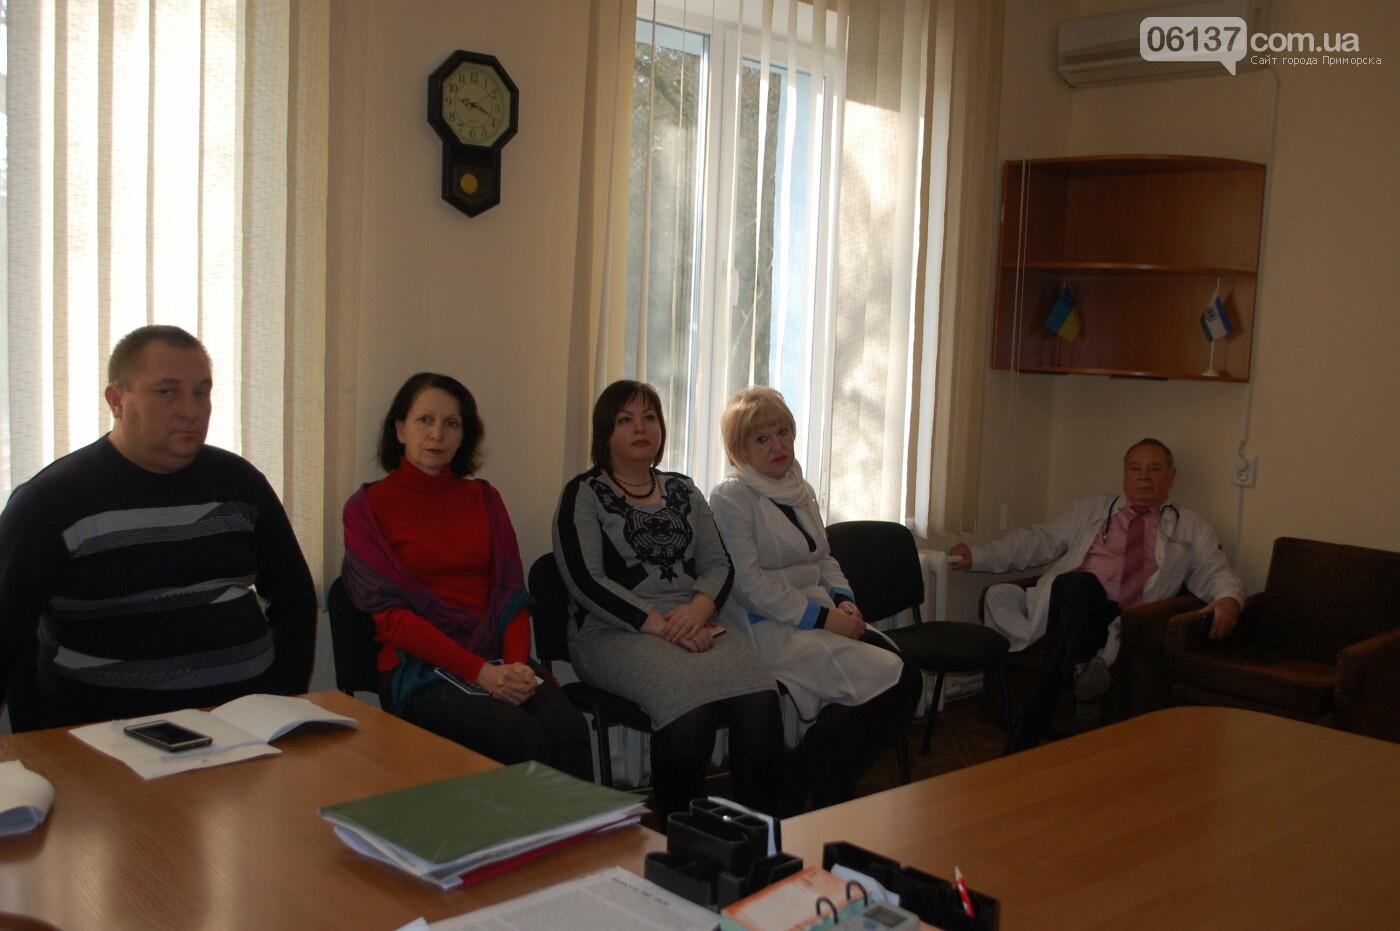 За дитину, якій не надали медичну допомогу заступилися активісти Приморська, фото-2